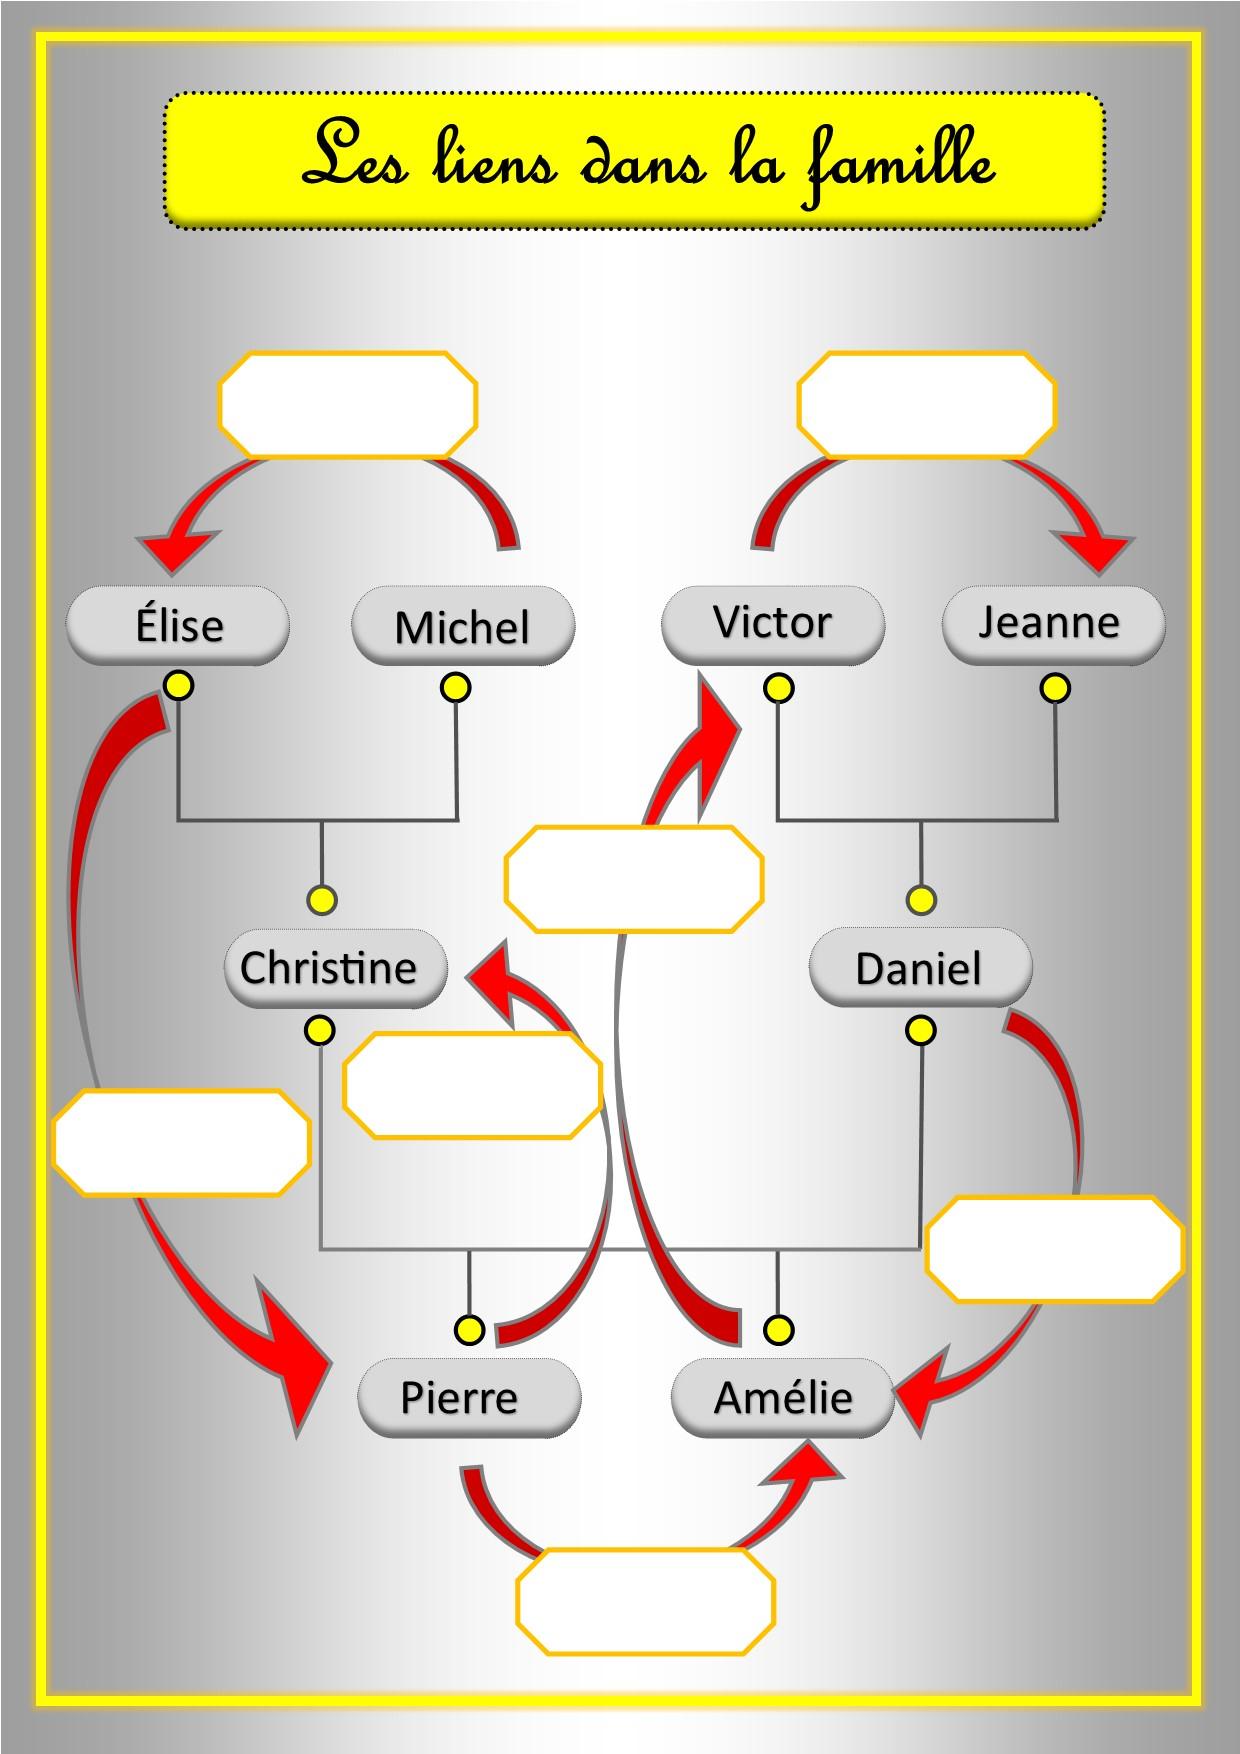 Fabriquer Son Arbre Genealogique Au Cp Cerianthe En Classe